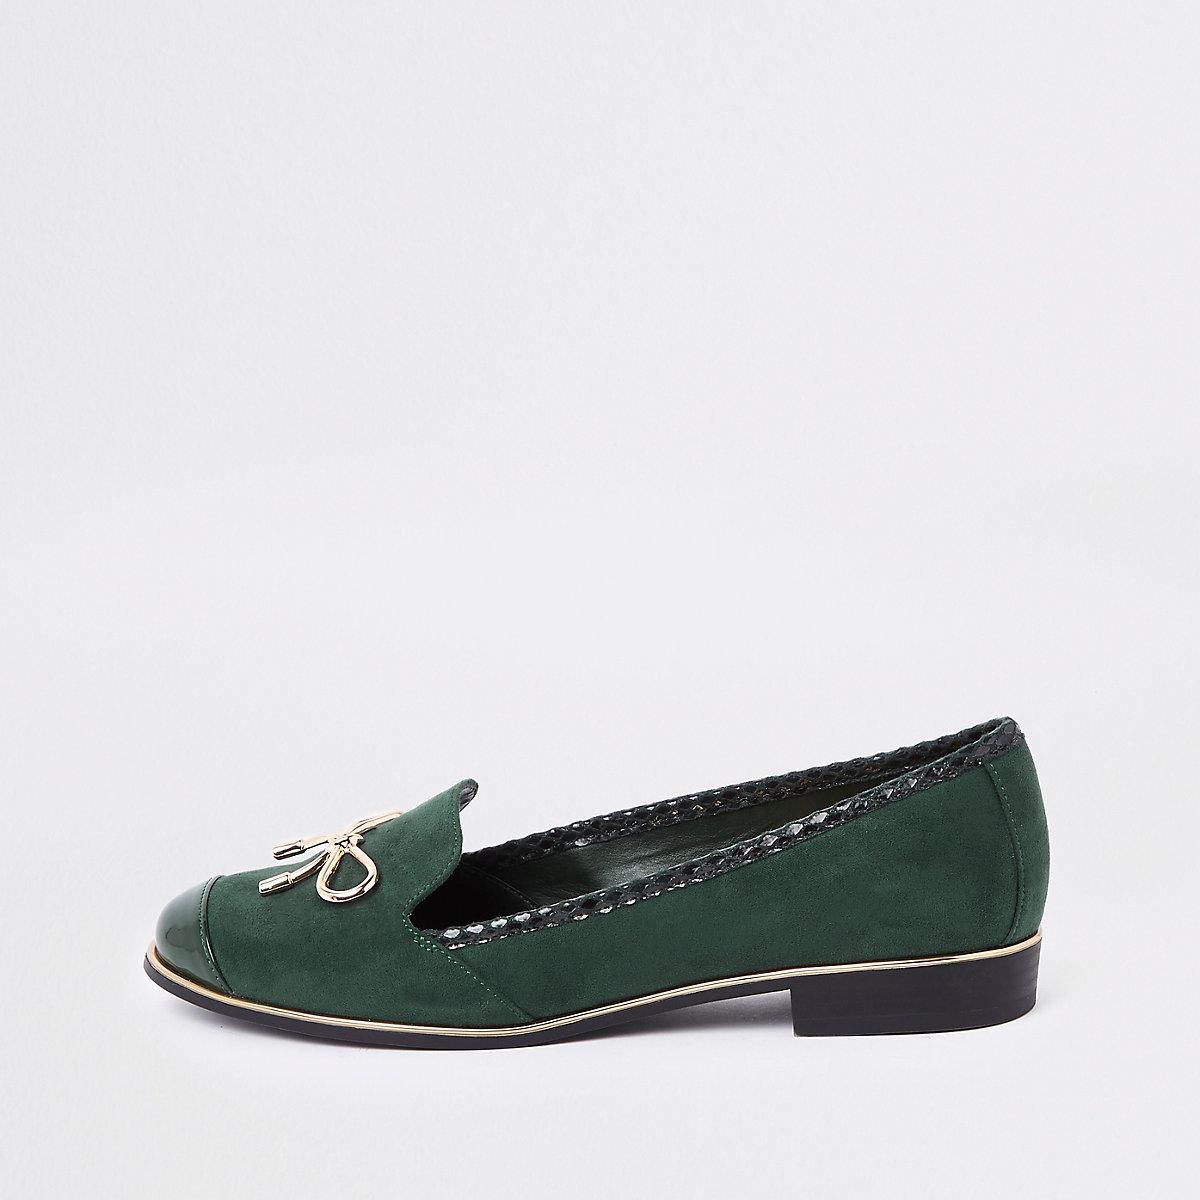 Groene loafers met goudkleurige strik